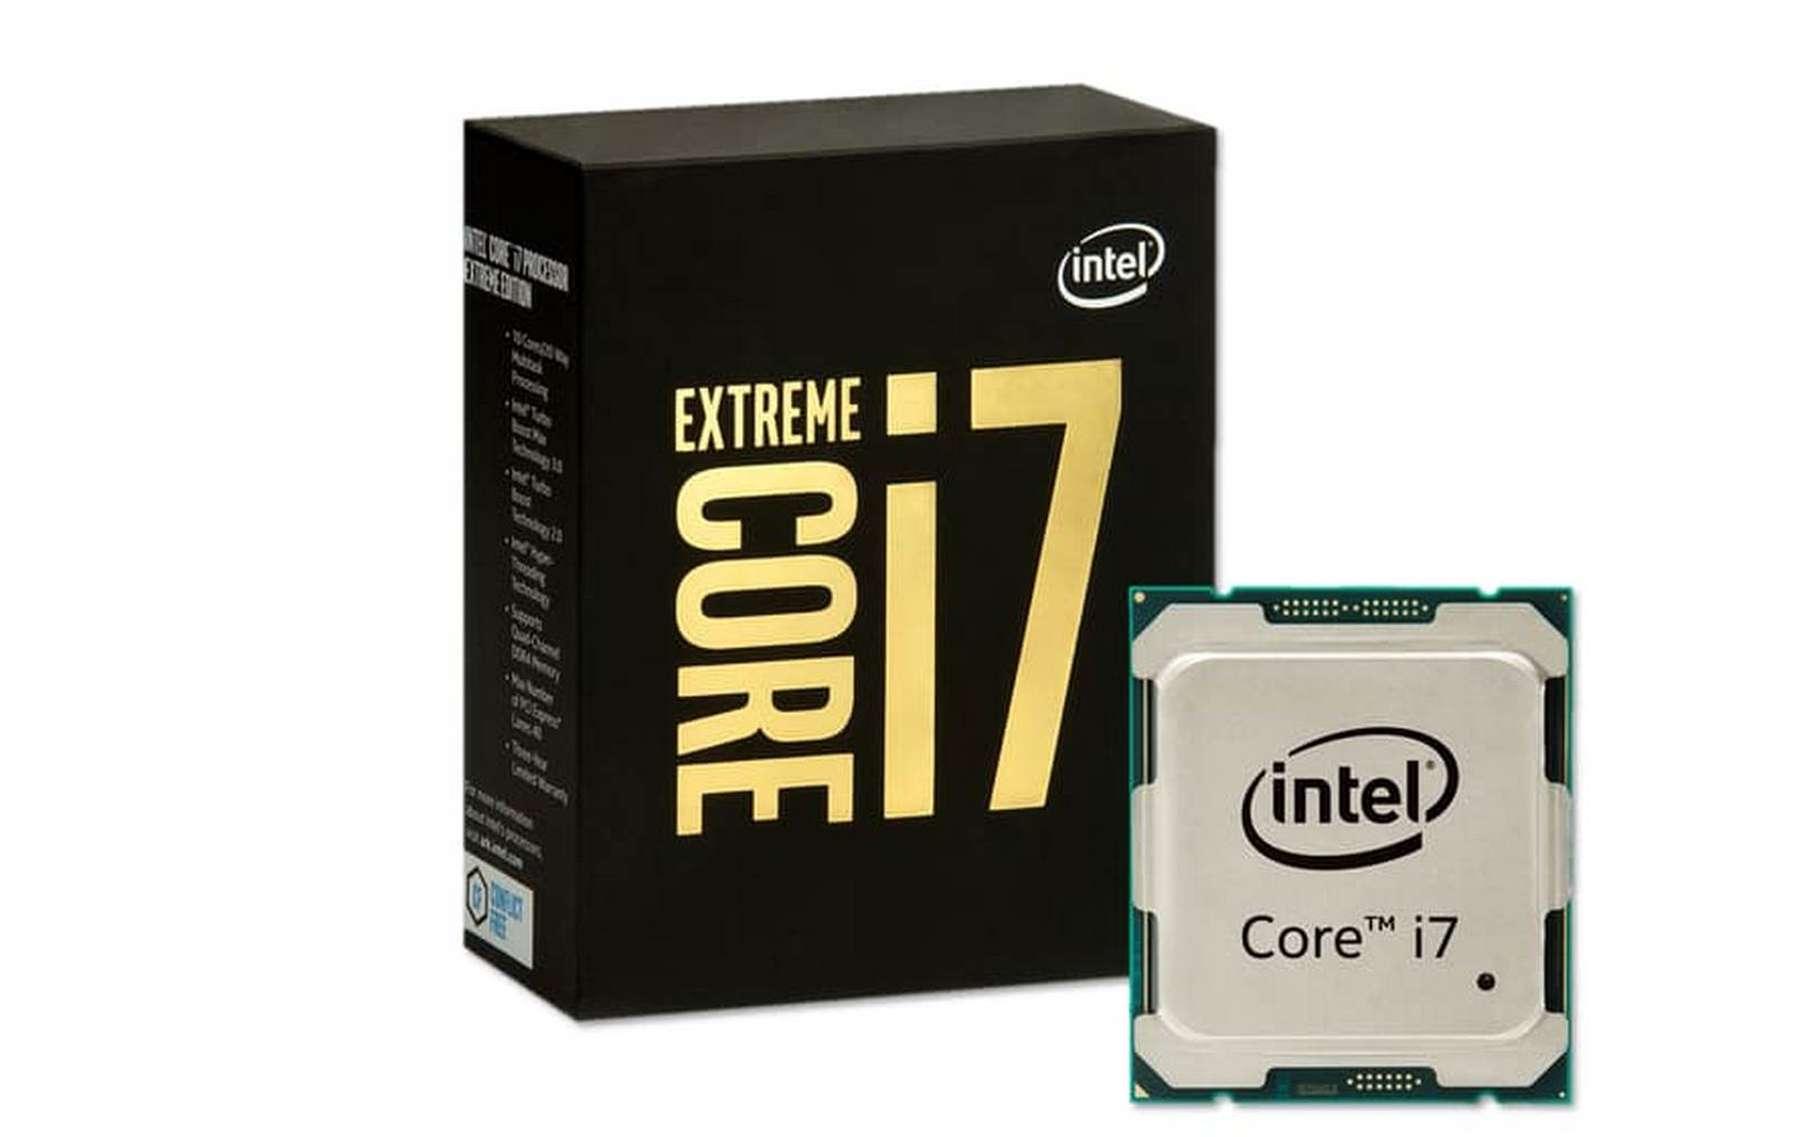 Selon Intel, le Core i7-6950X Extreme Edition est le processeur pour ordinateurs grand public le plus puissant qu'il ait jamais proposé. © Intel